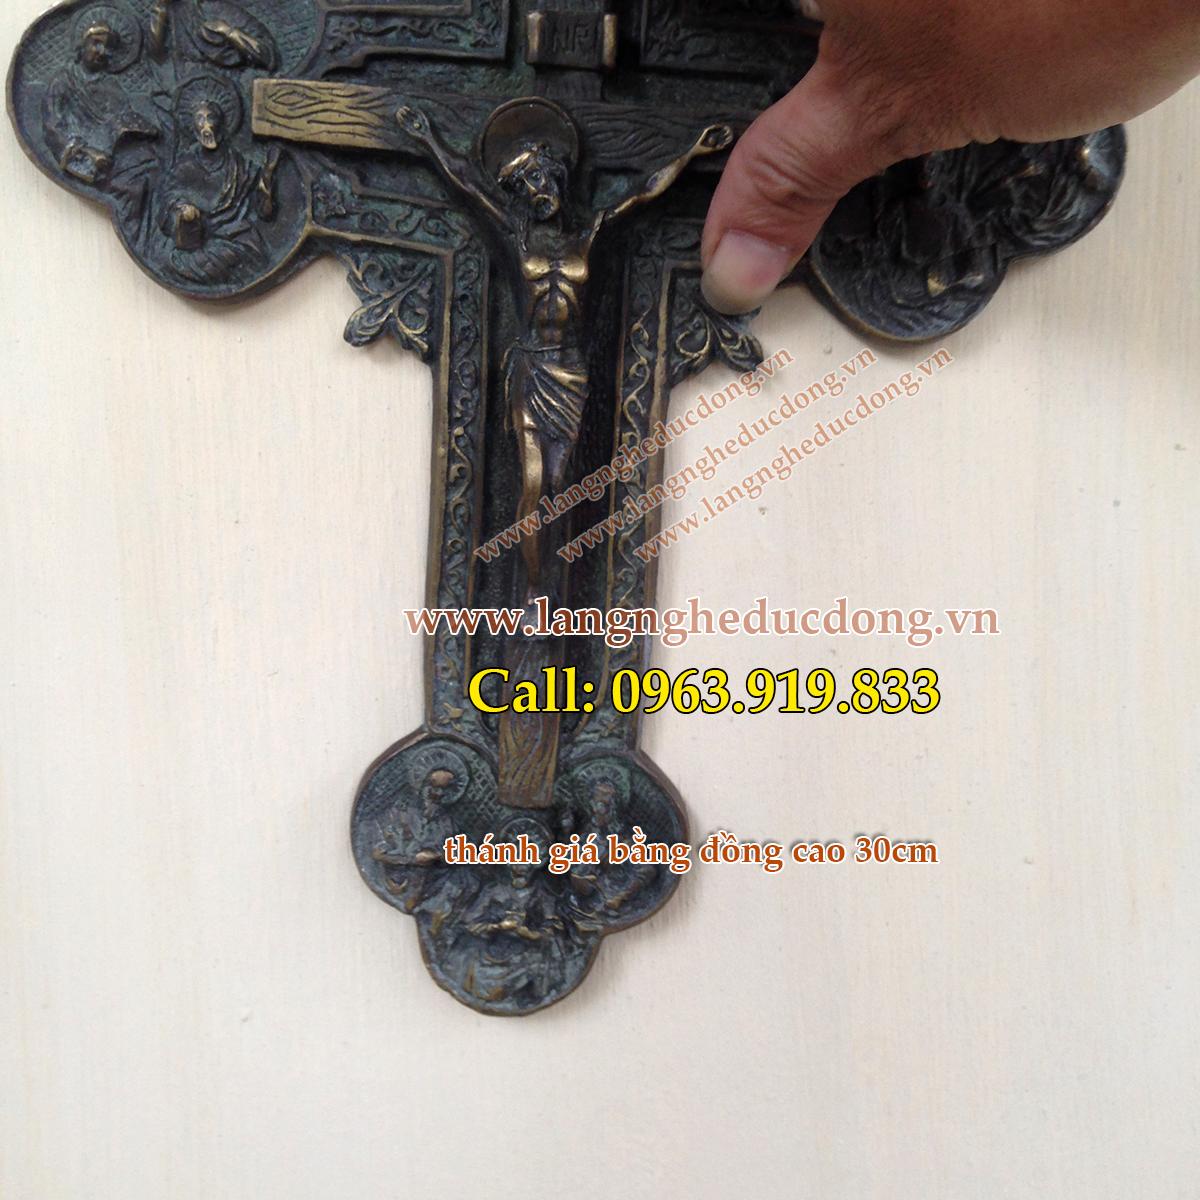 3 Thánh giá bằng đồng, mẫu thánh giá cao 30cm, giá bán tượng thánh giá